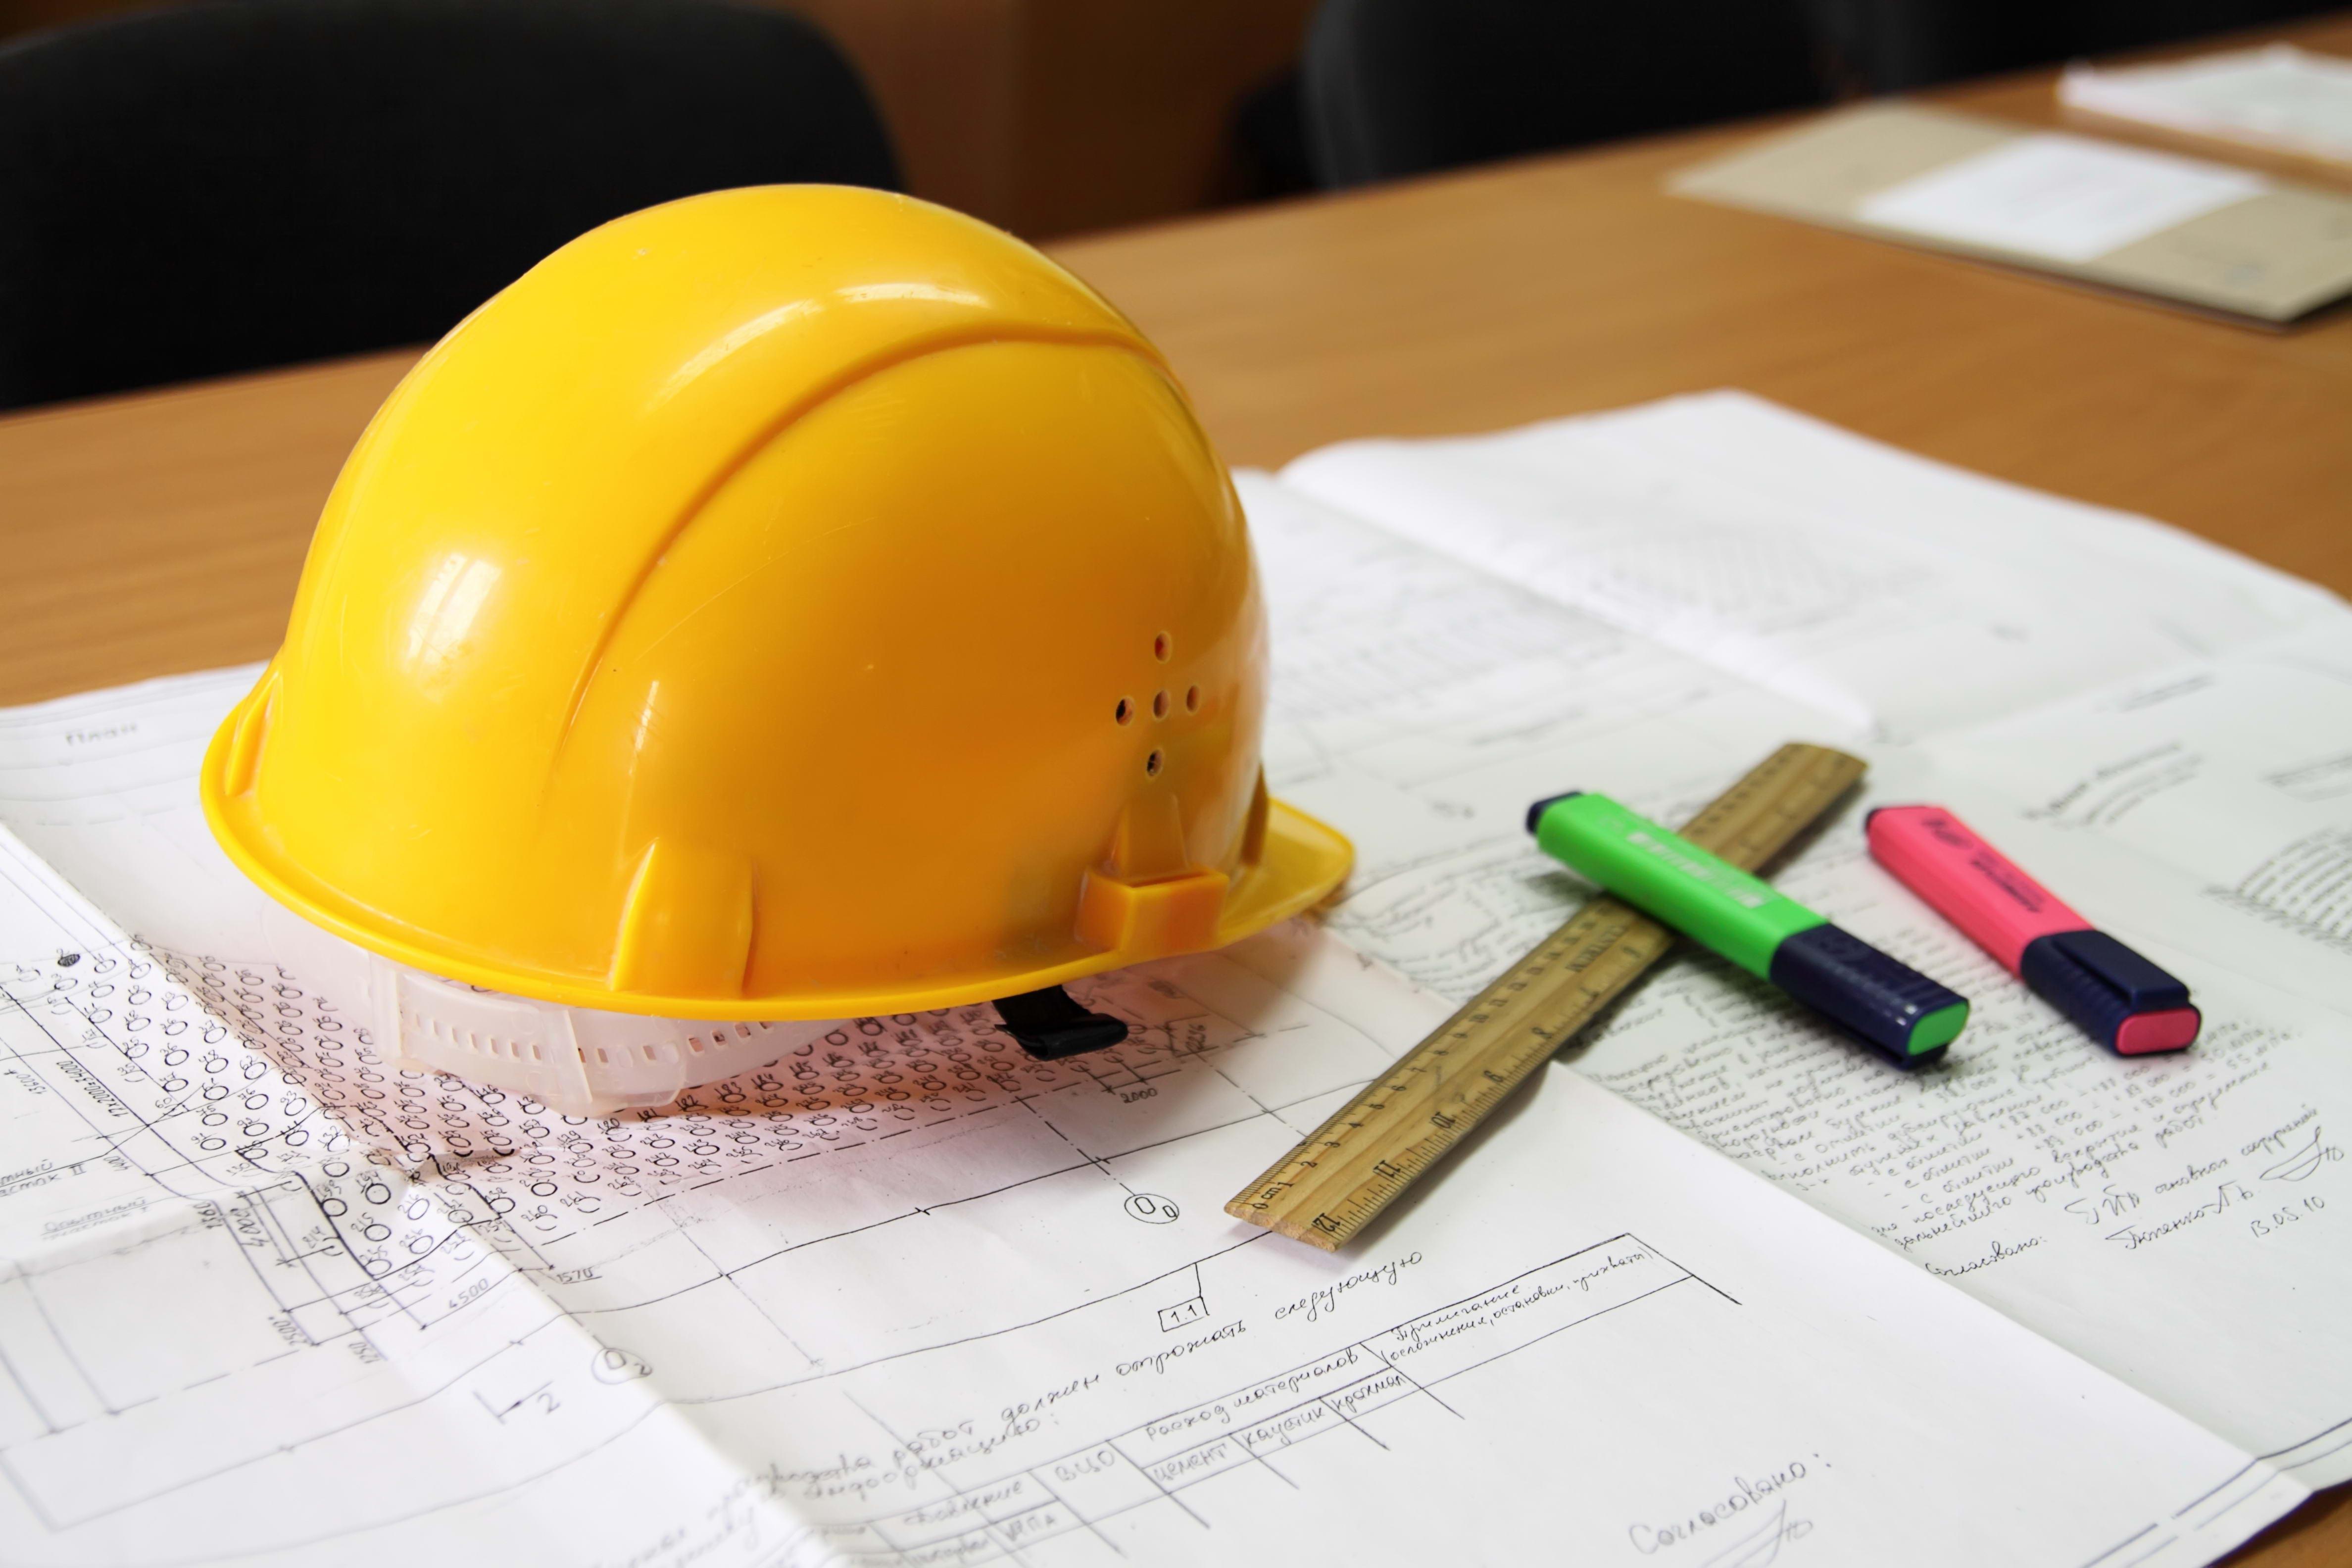 строительная каска и чертежи, фото, обои для рабочего стола